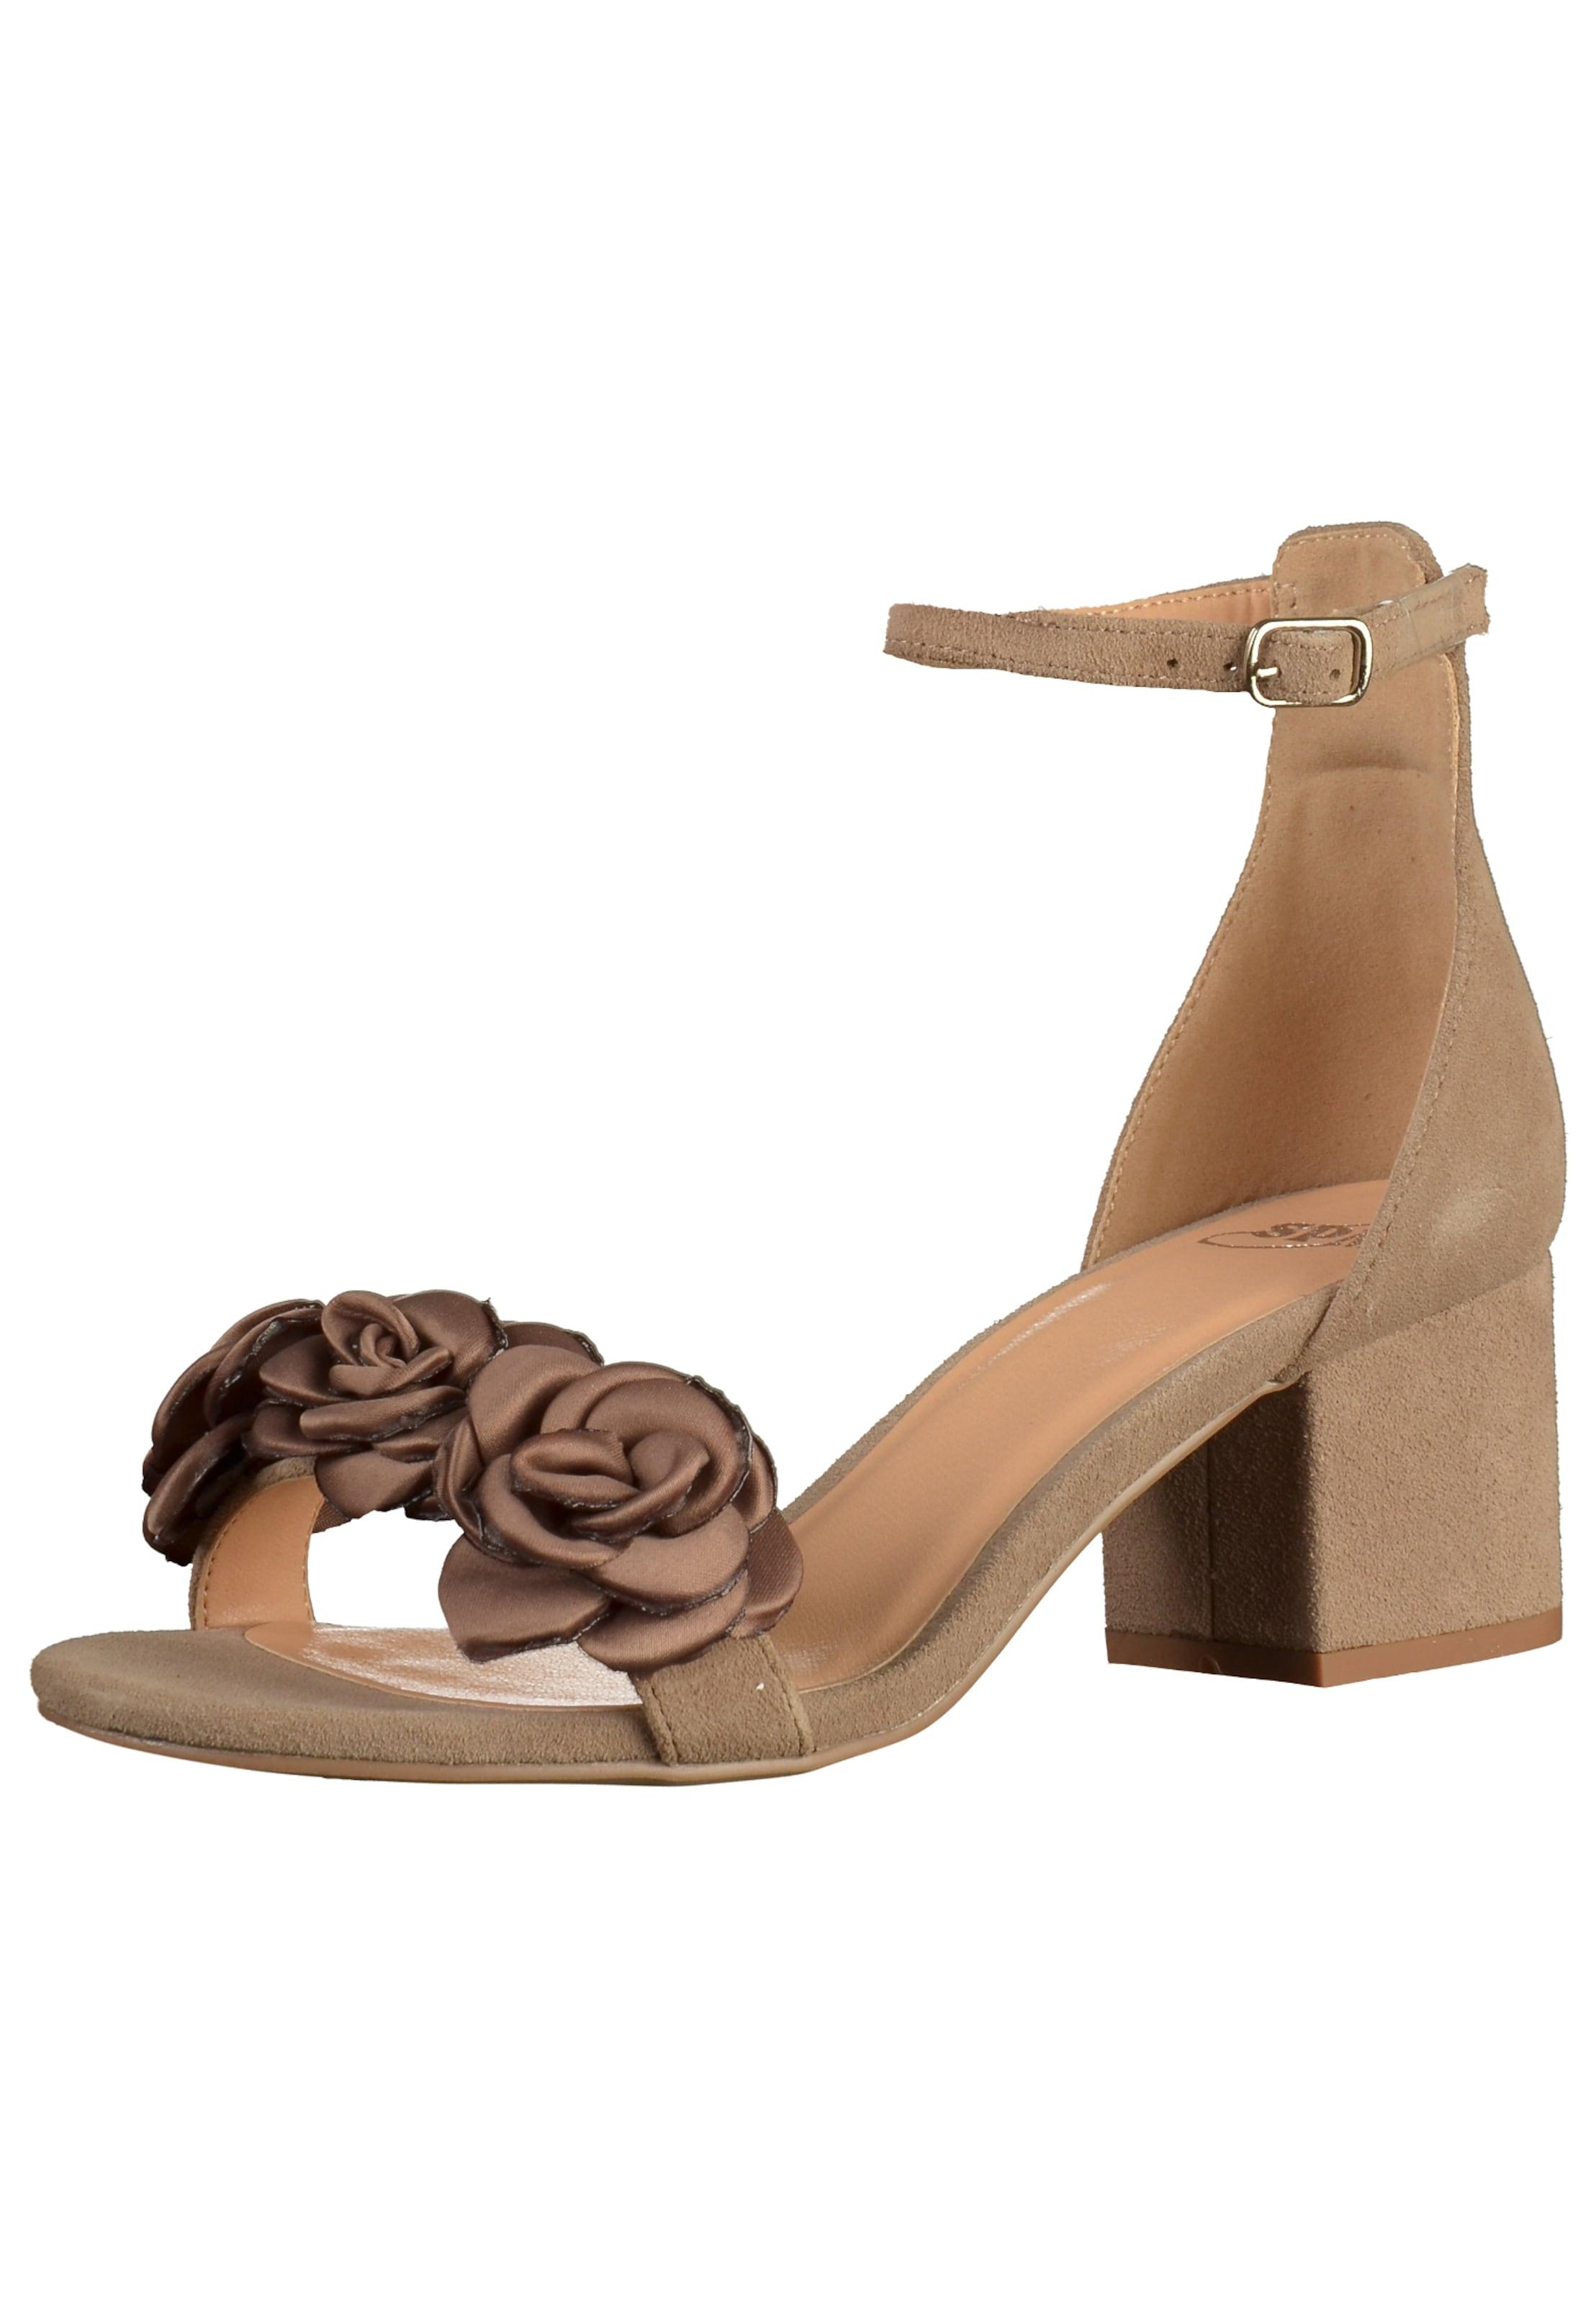 Haltbare Mode billige Schuhe SPM getragene | Sandalen Schuhe Gut getragene SPM Schuhe c50f60